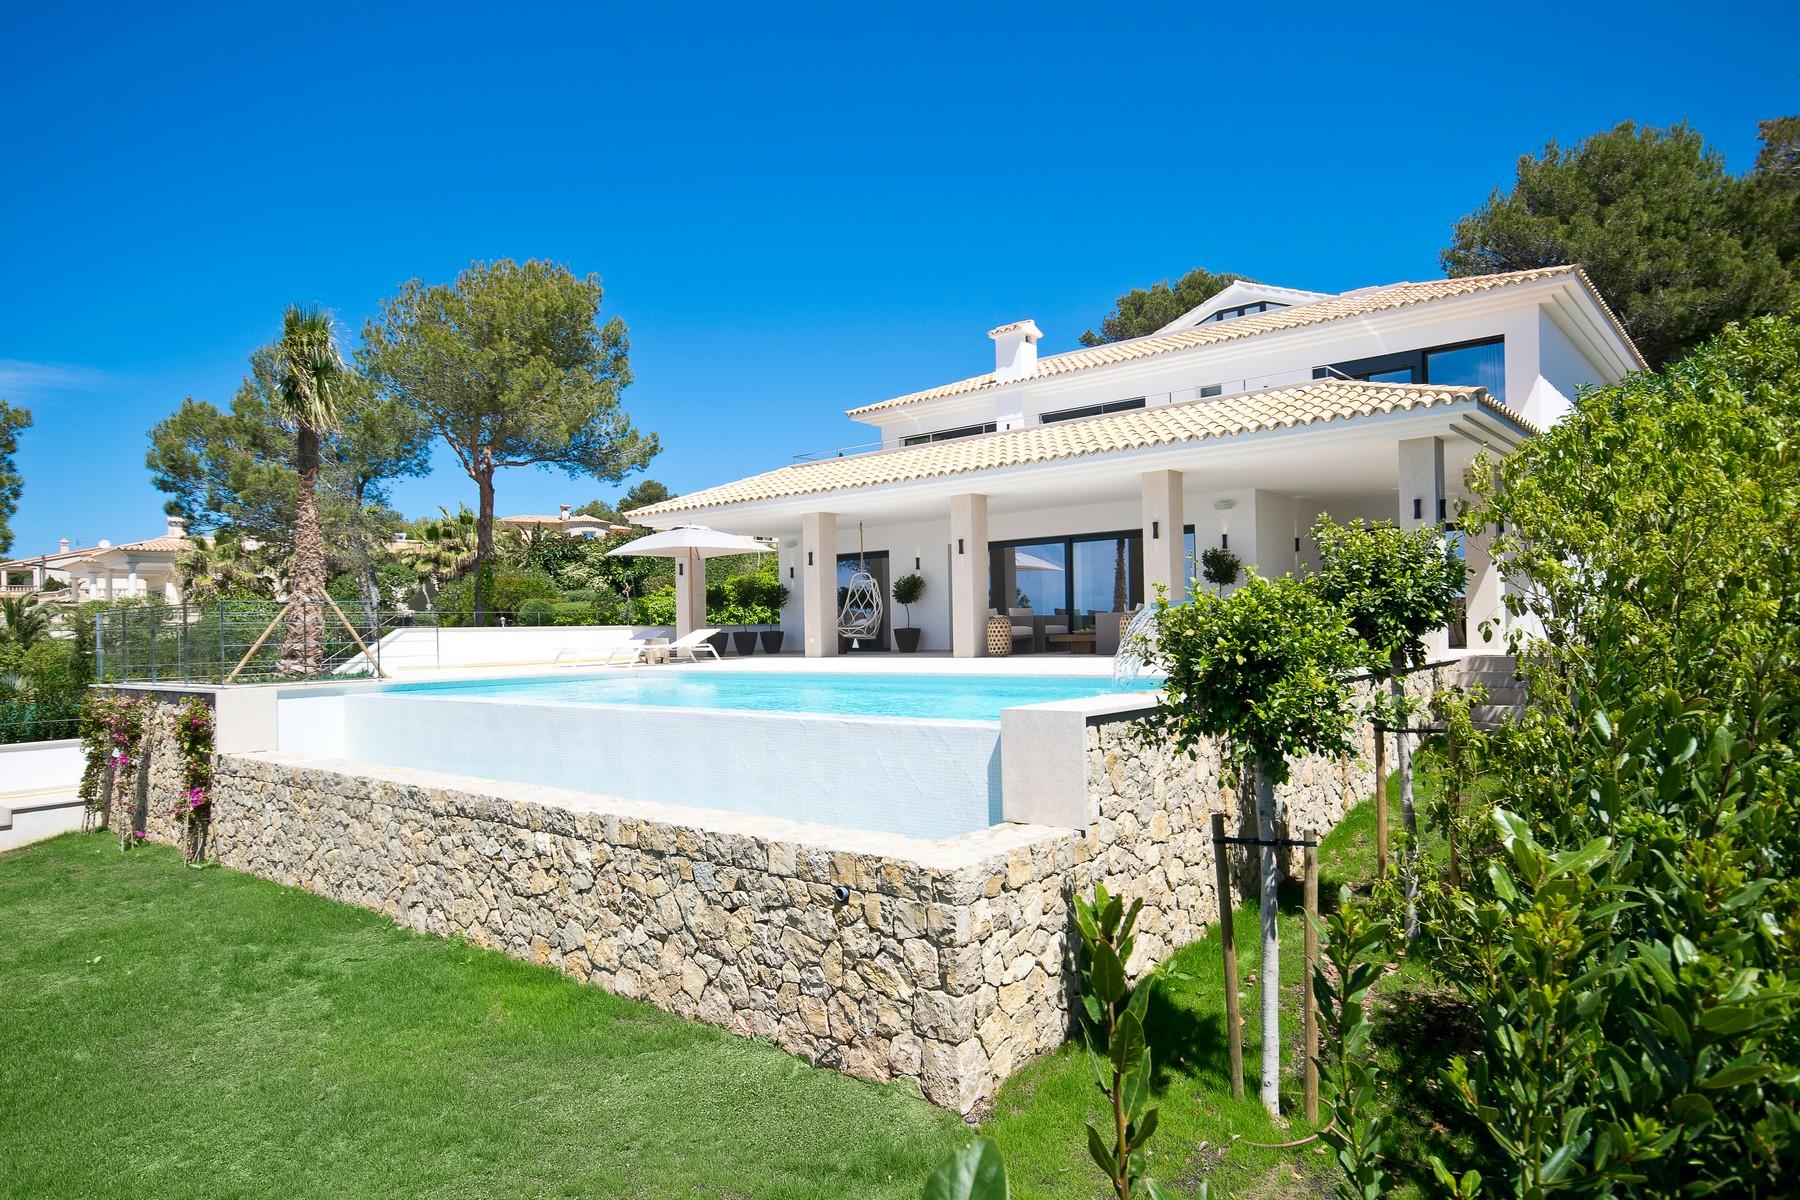 一戸建て のために 売買 アット Villa in a sought-after area with fantastic views Santa Ponsa, マヨルカ 07180 スペイン